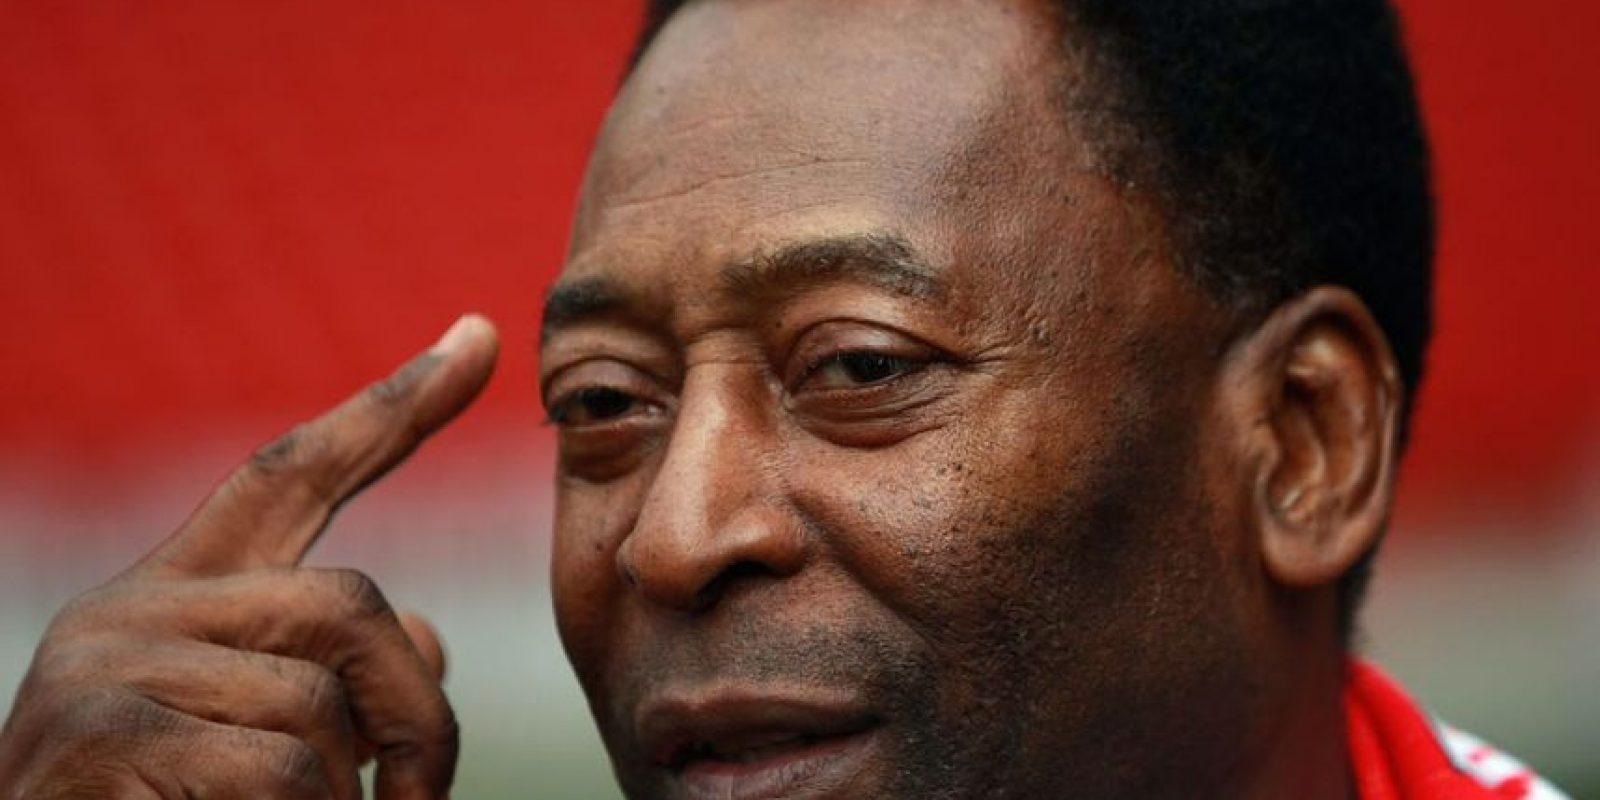 La salud de Pelé ha empeorado considerablemente. Foto:Getty Images